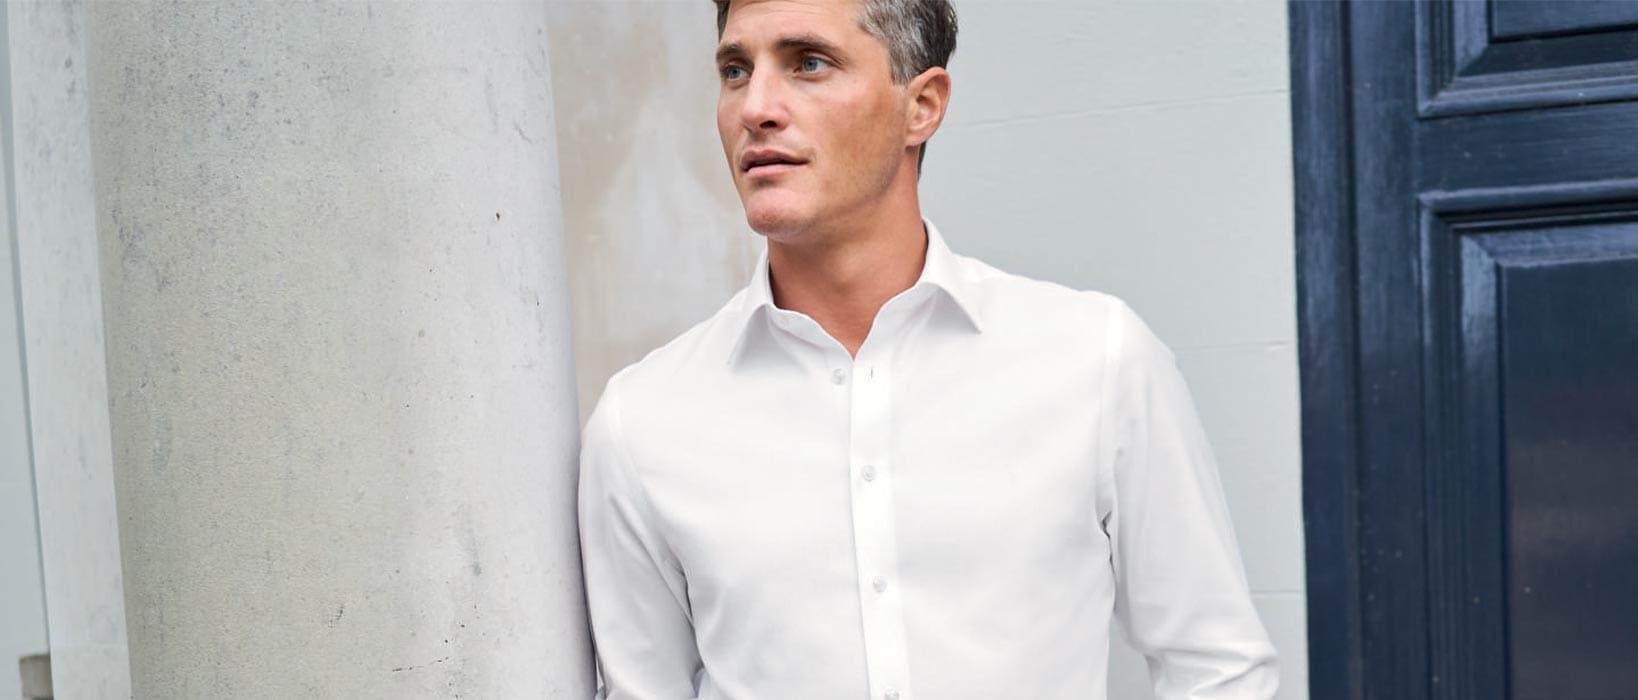 man in a white linen shirt